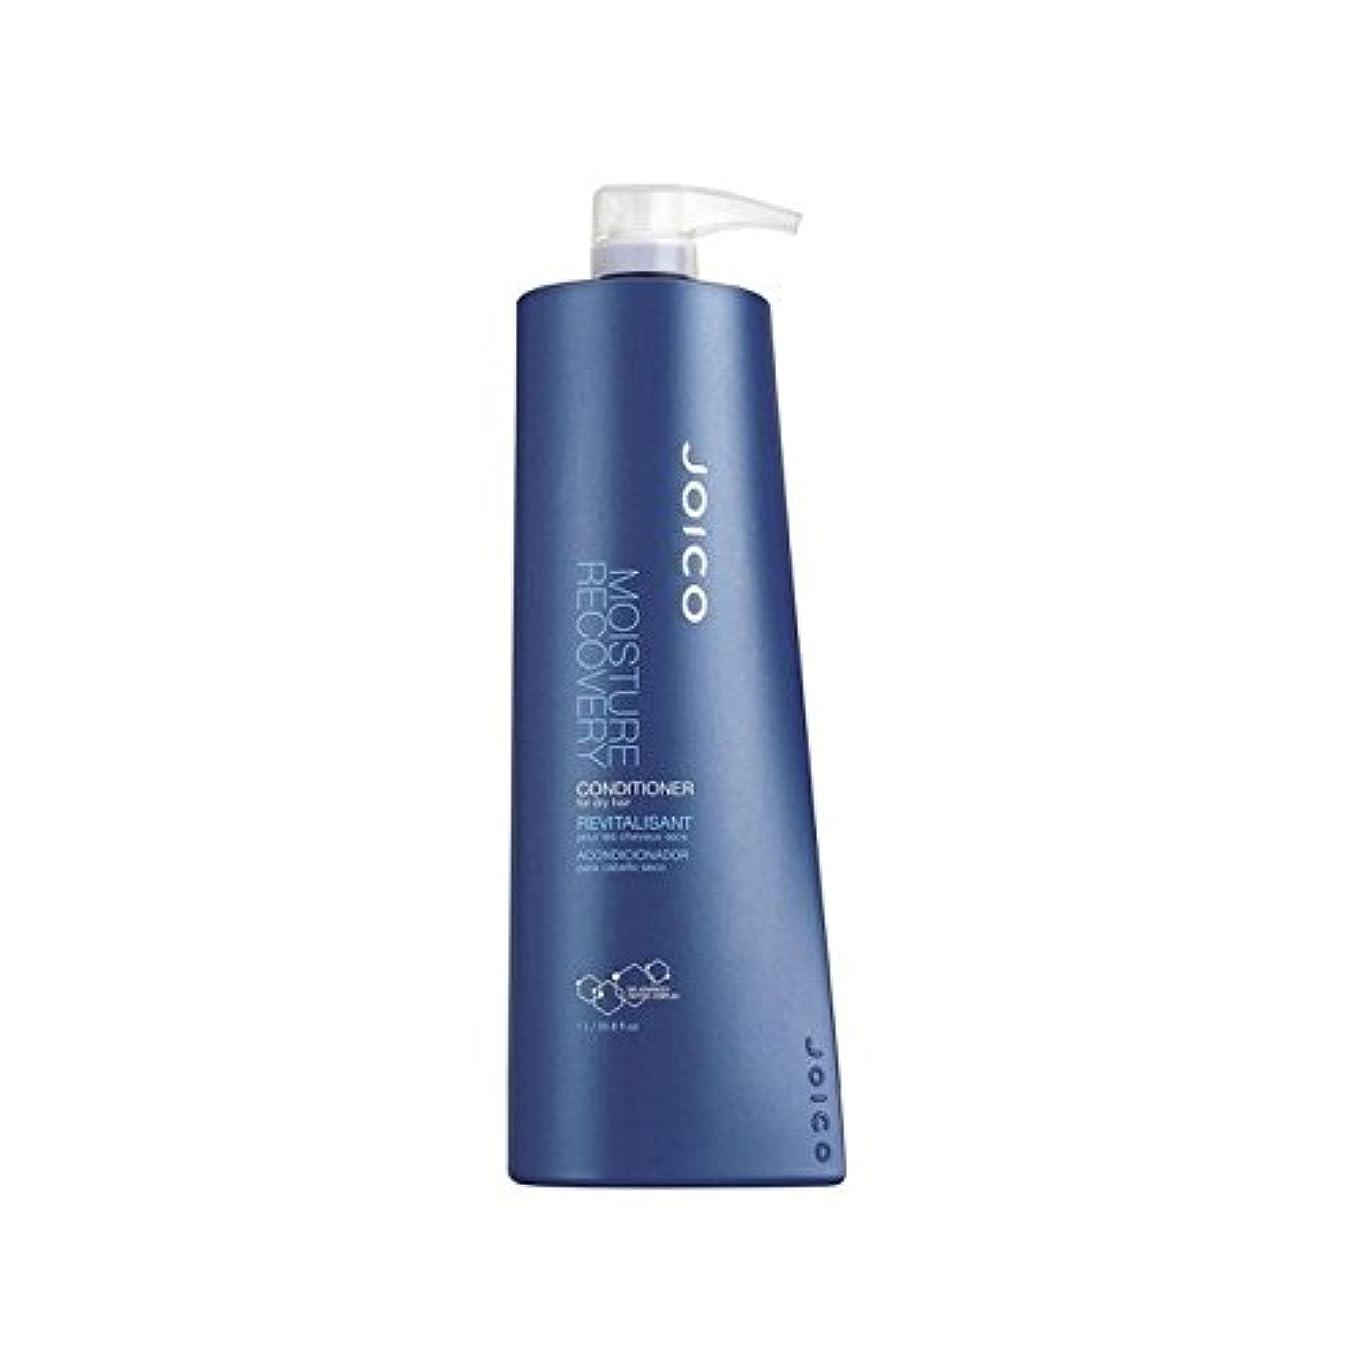 休日忙しい不注意乾いた髪用ジョイコ水分回復コンディショナー(千ミリリットル) x2 - Joico Moisture Recovery Conditioner For Dry Hair (1000ml) (Pack of 2) [並行輸入品]